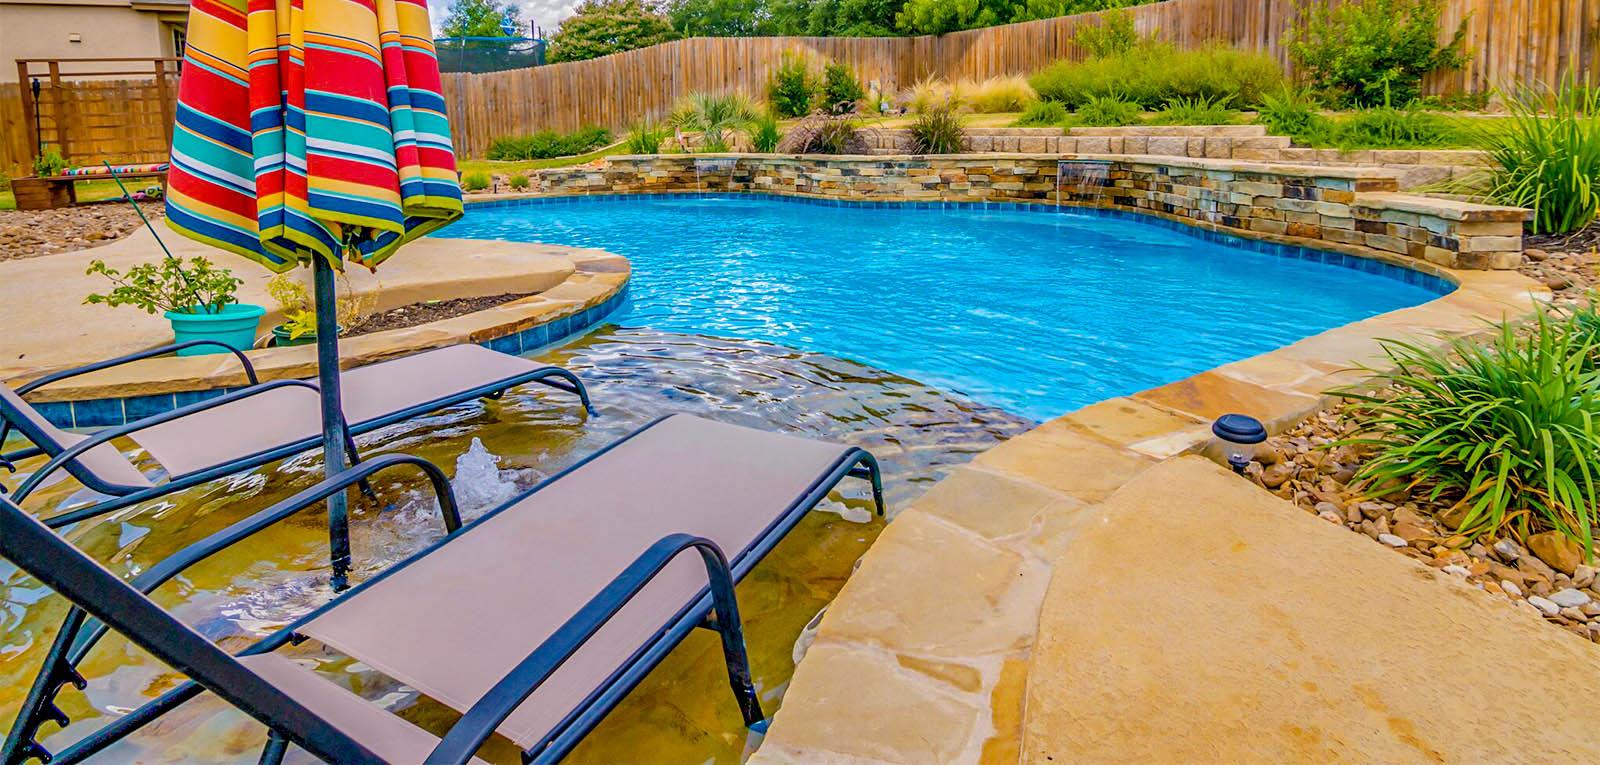 Tanning ledge on inground pool